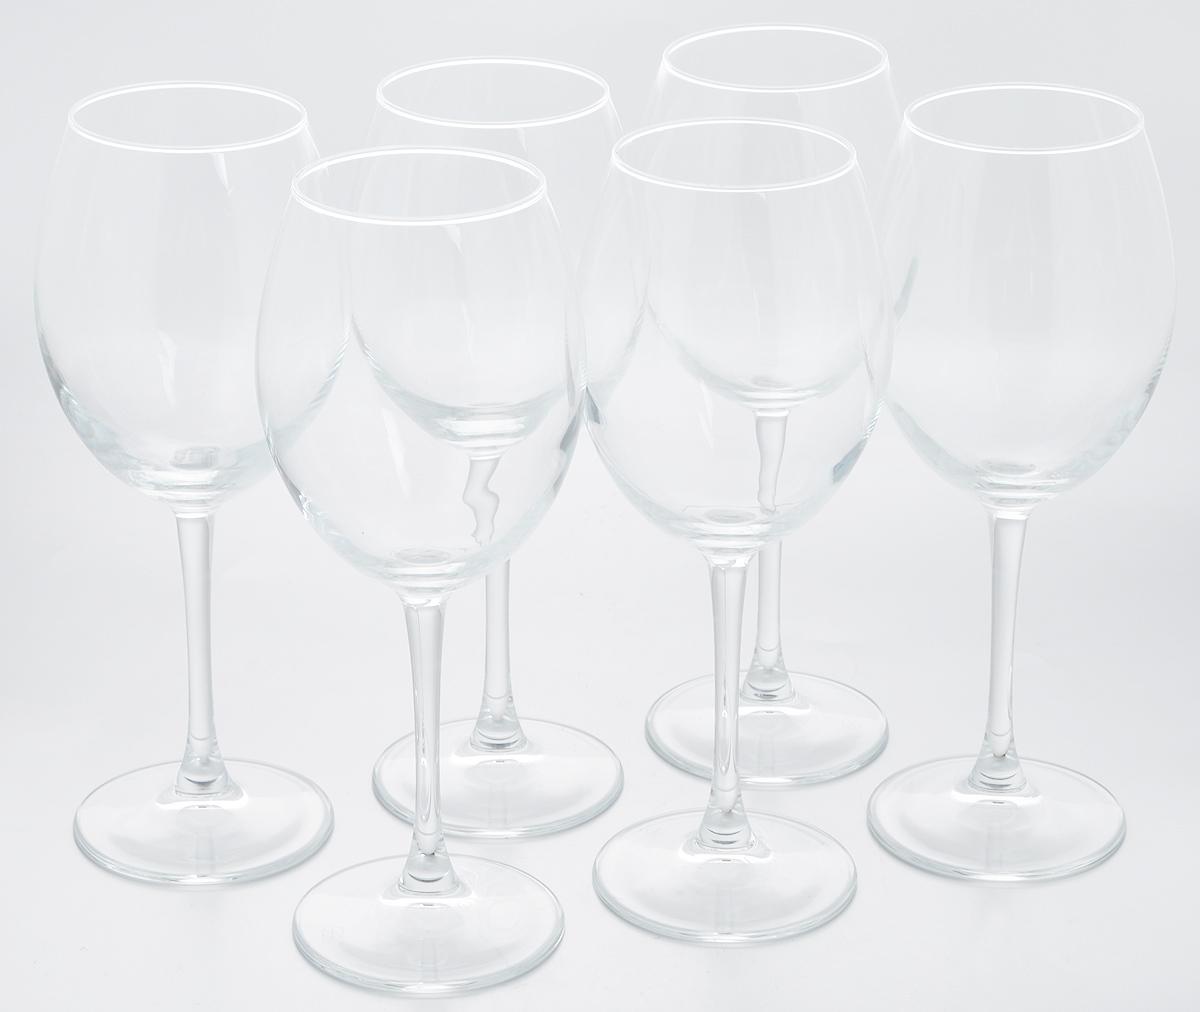 Набор бокалов для красного вина Pasabahce Enoteca, 550 мл, 6 шт2414/41Набор Pasabahce Enoteca состоит из шести бокалов, выполненных из прочного натрий-кальций-силикатного стекла. Изделия оснащены высокими ножками. Бокалы предназначены для подачи красного вина. Они сочетают в себе элегантный дизайн и функциональность. Набор бокалов Pasabahce Enoteca прекрасно оформит праздничный стол и создаст приятную атмосферу за романтическим ужином. Такой набор также станет хорошим подарком к любому случаю. Можно мыть в посудомоечной машине.Диаметр бокала (по верхнему краю): 7 см. Высота бокала: 23,5 см.